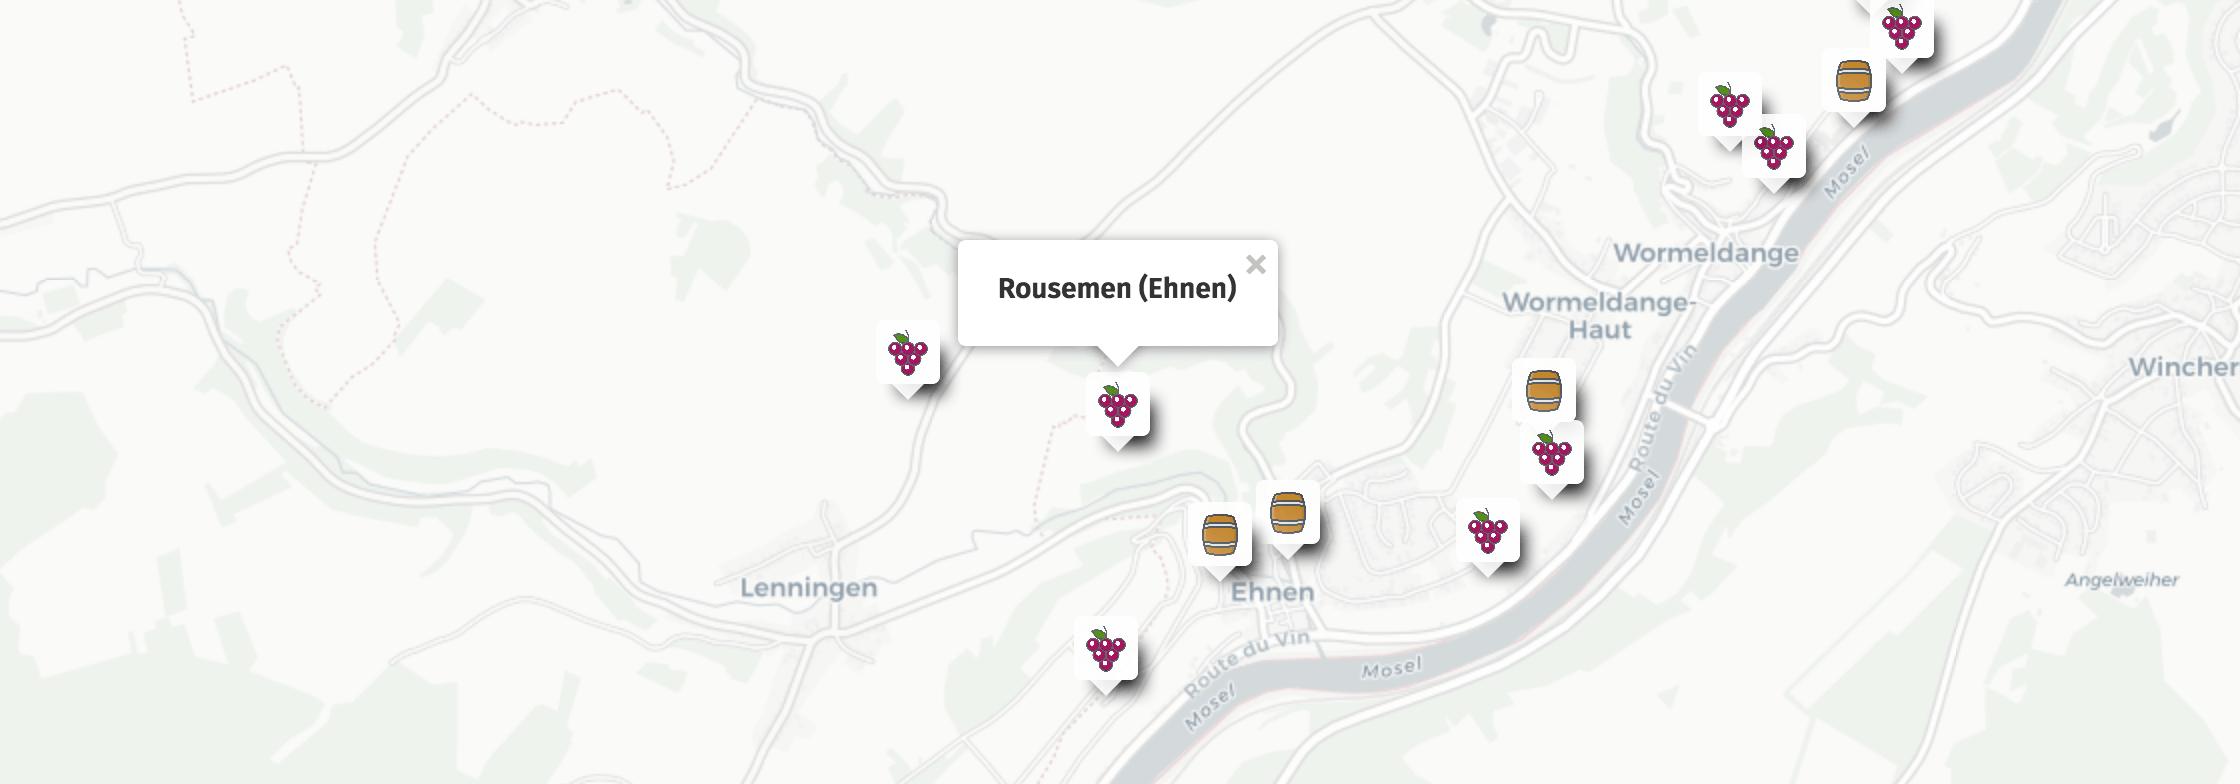 Geolocation of Rousemen wines in Ehnen